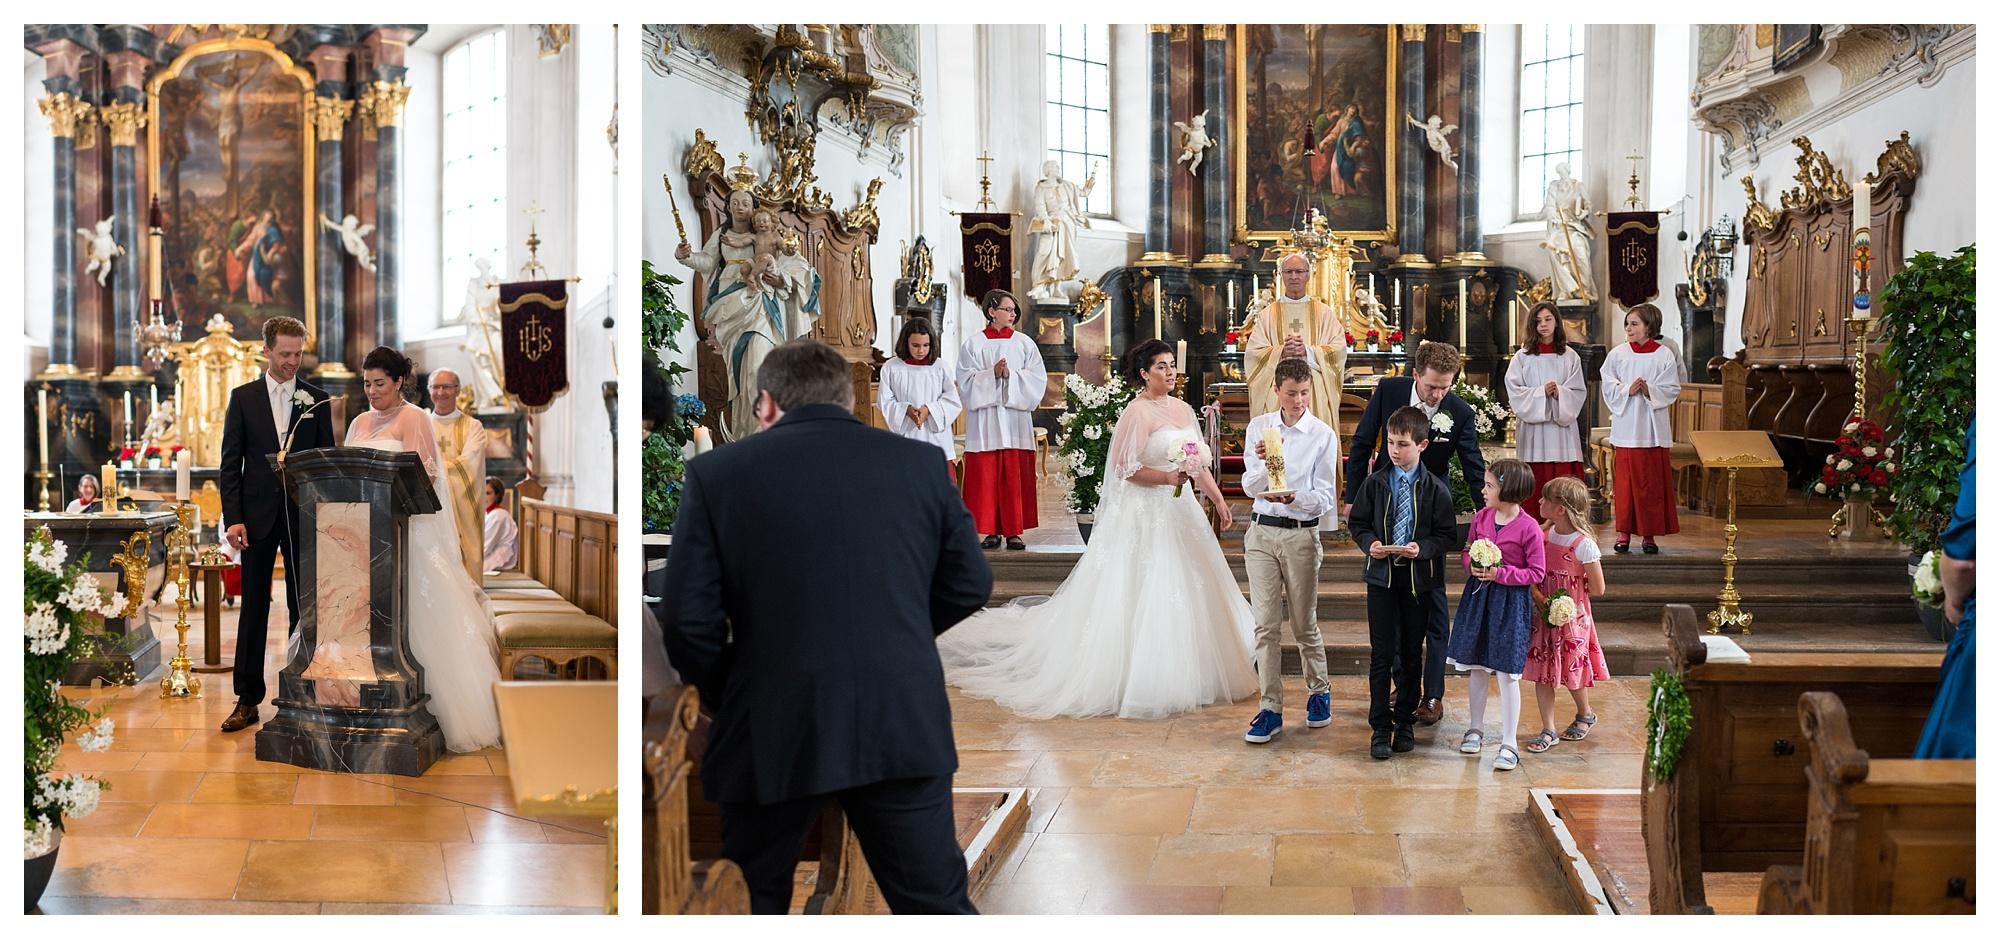 Fotograf Konstanz - Hochzeit Tanja Elmar Elmar Feuerbacher Photography Konstanz Messkirch Highlights 037 - Hochzeitsreportage von Tanja und Elmar im Schloss Meßkirch  - 36 -